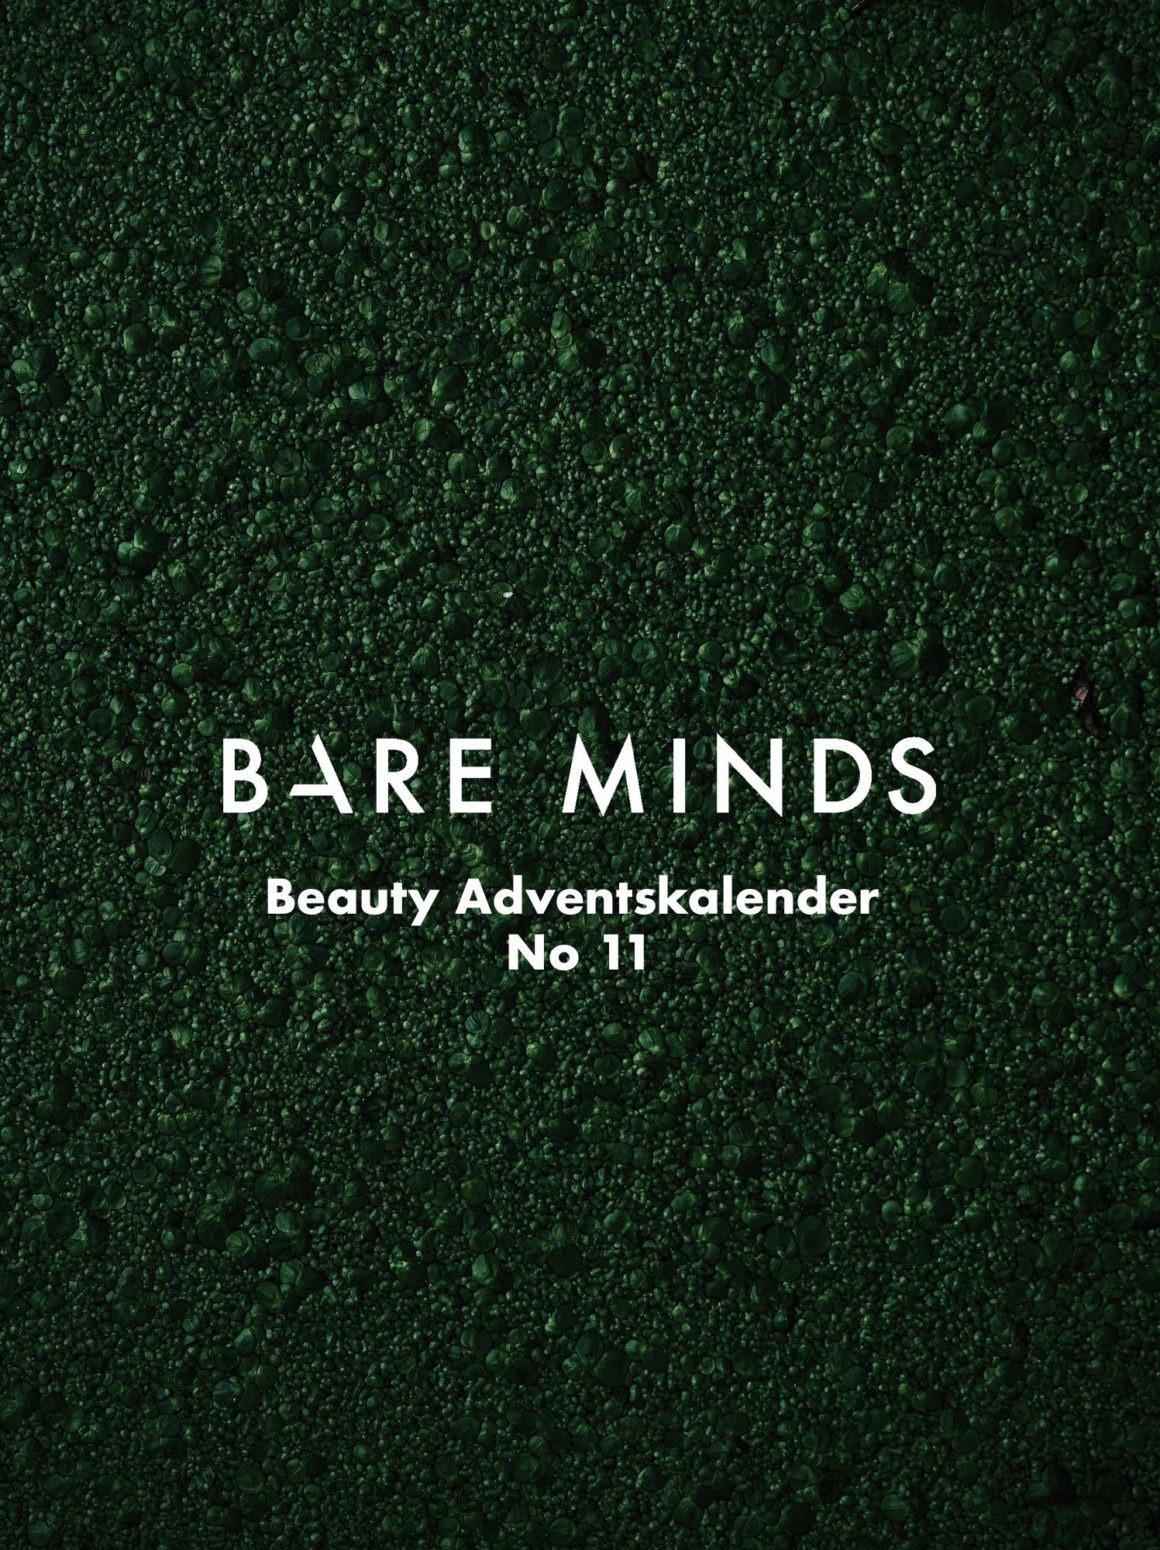 Bare Minds Beauty Adventskalender 2019 011_